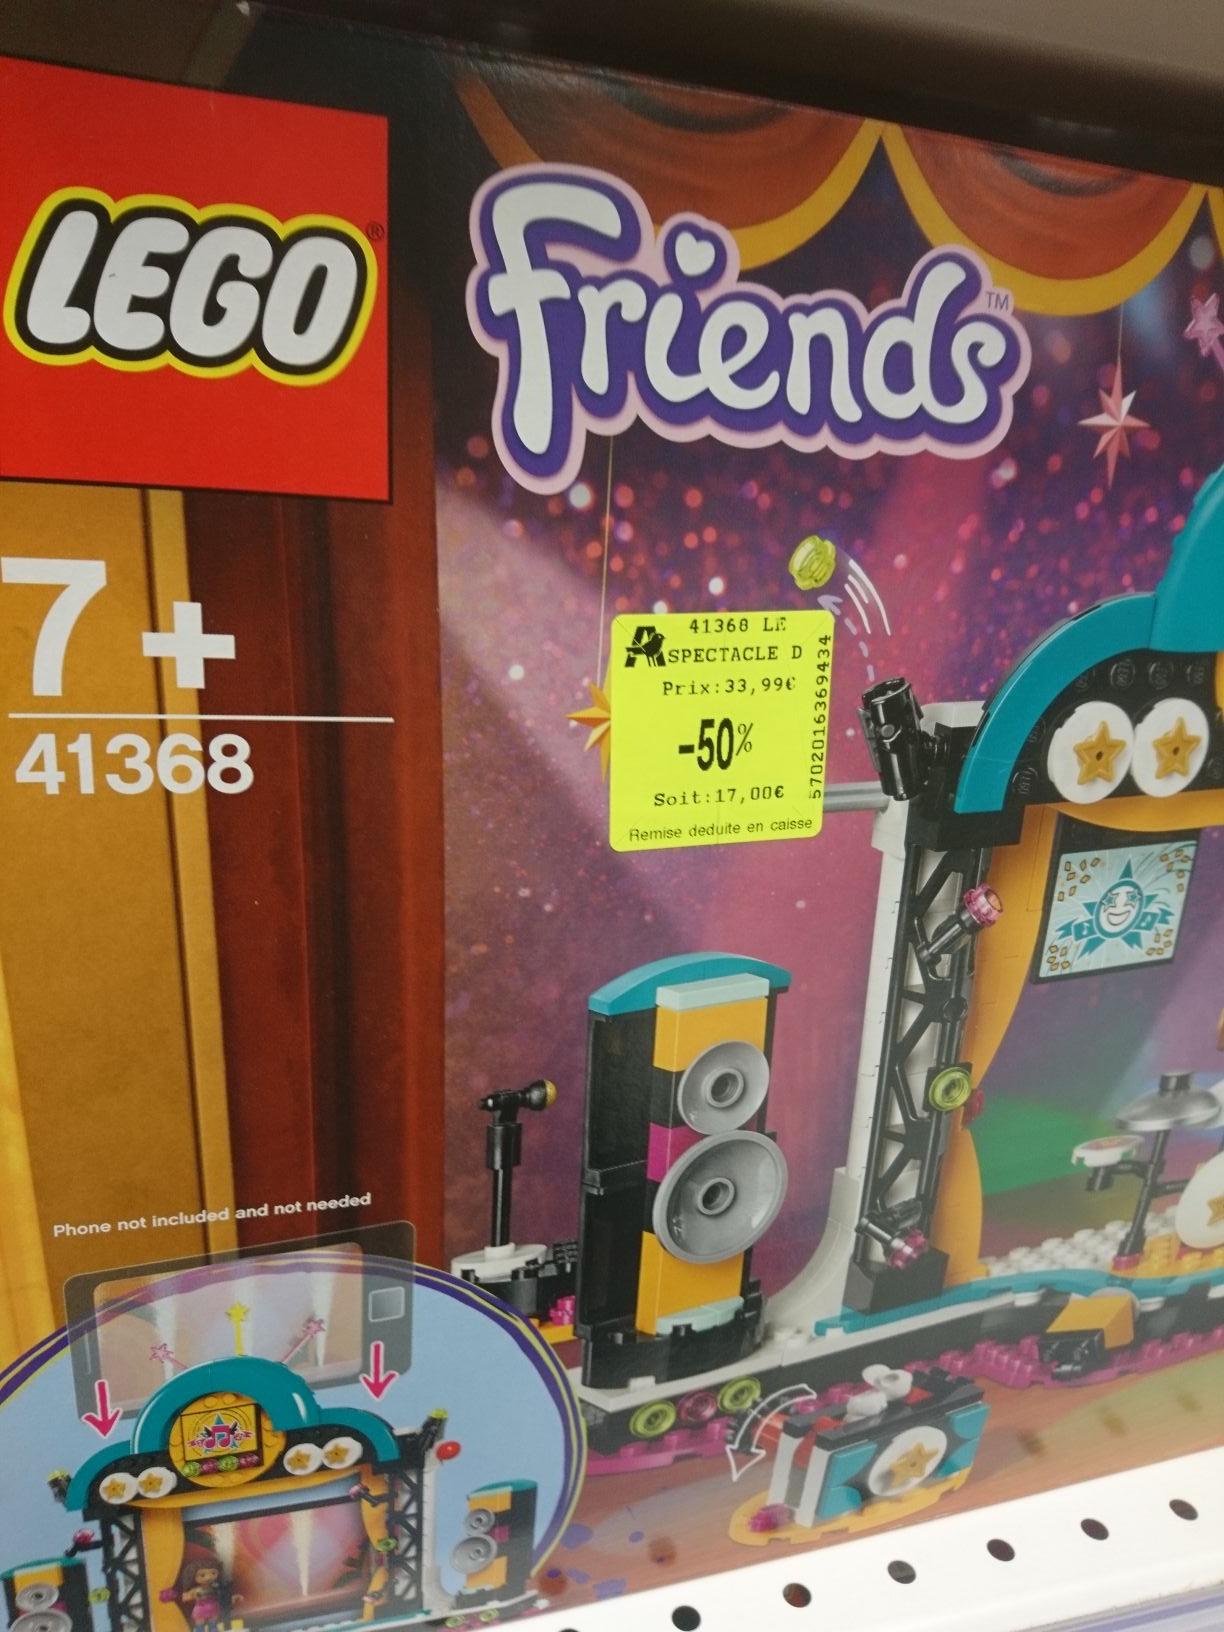 Lego Friends - Le spectacle d'Andrea (41368) - Poitiers Sud (86)